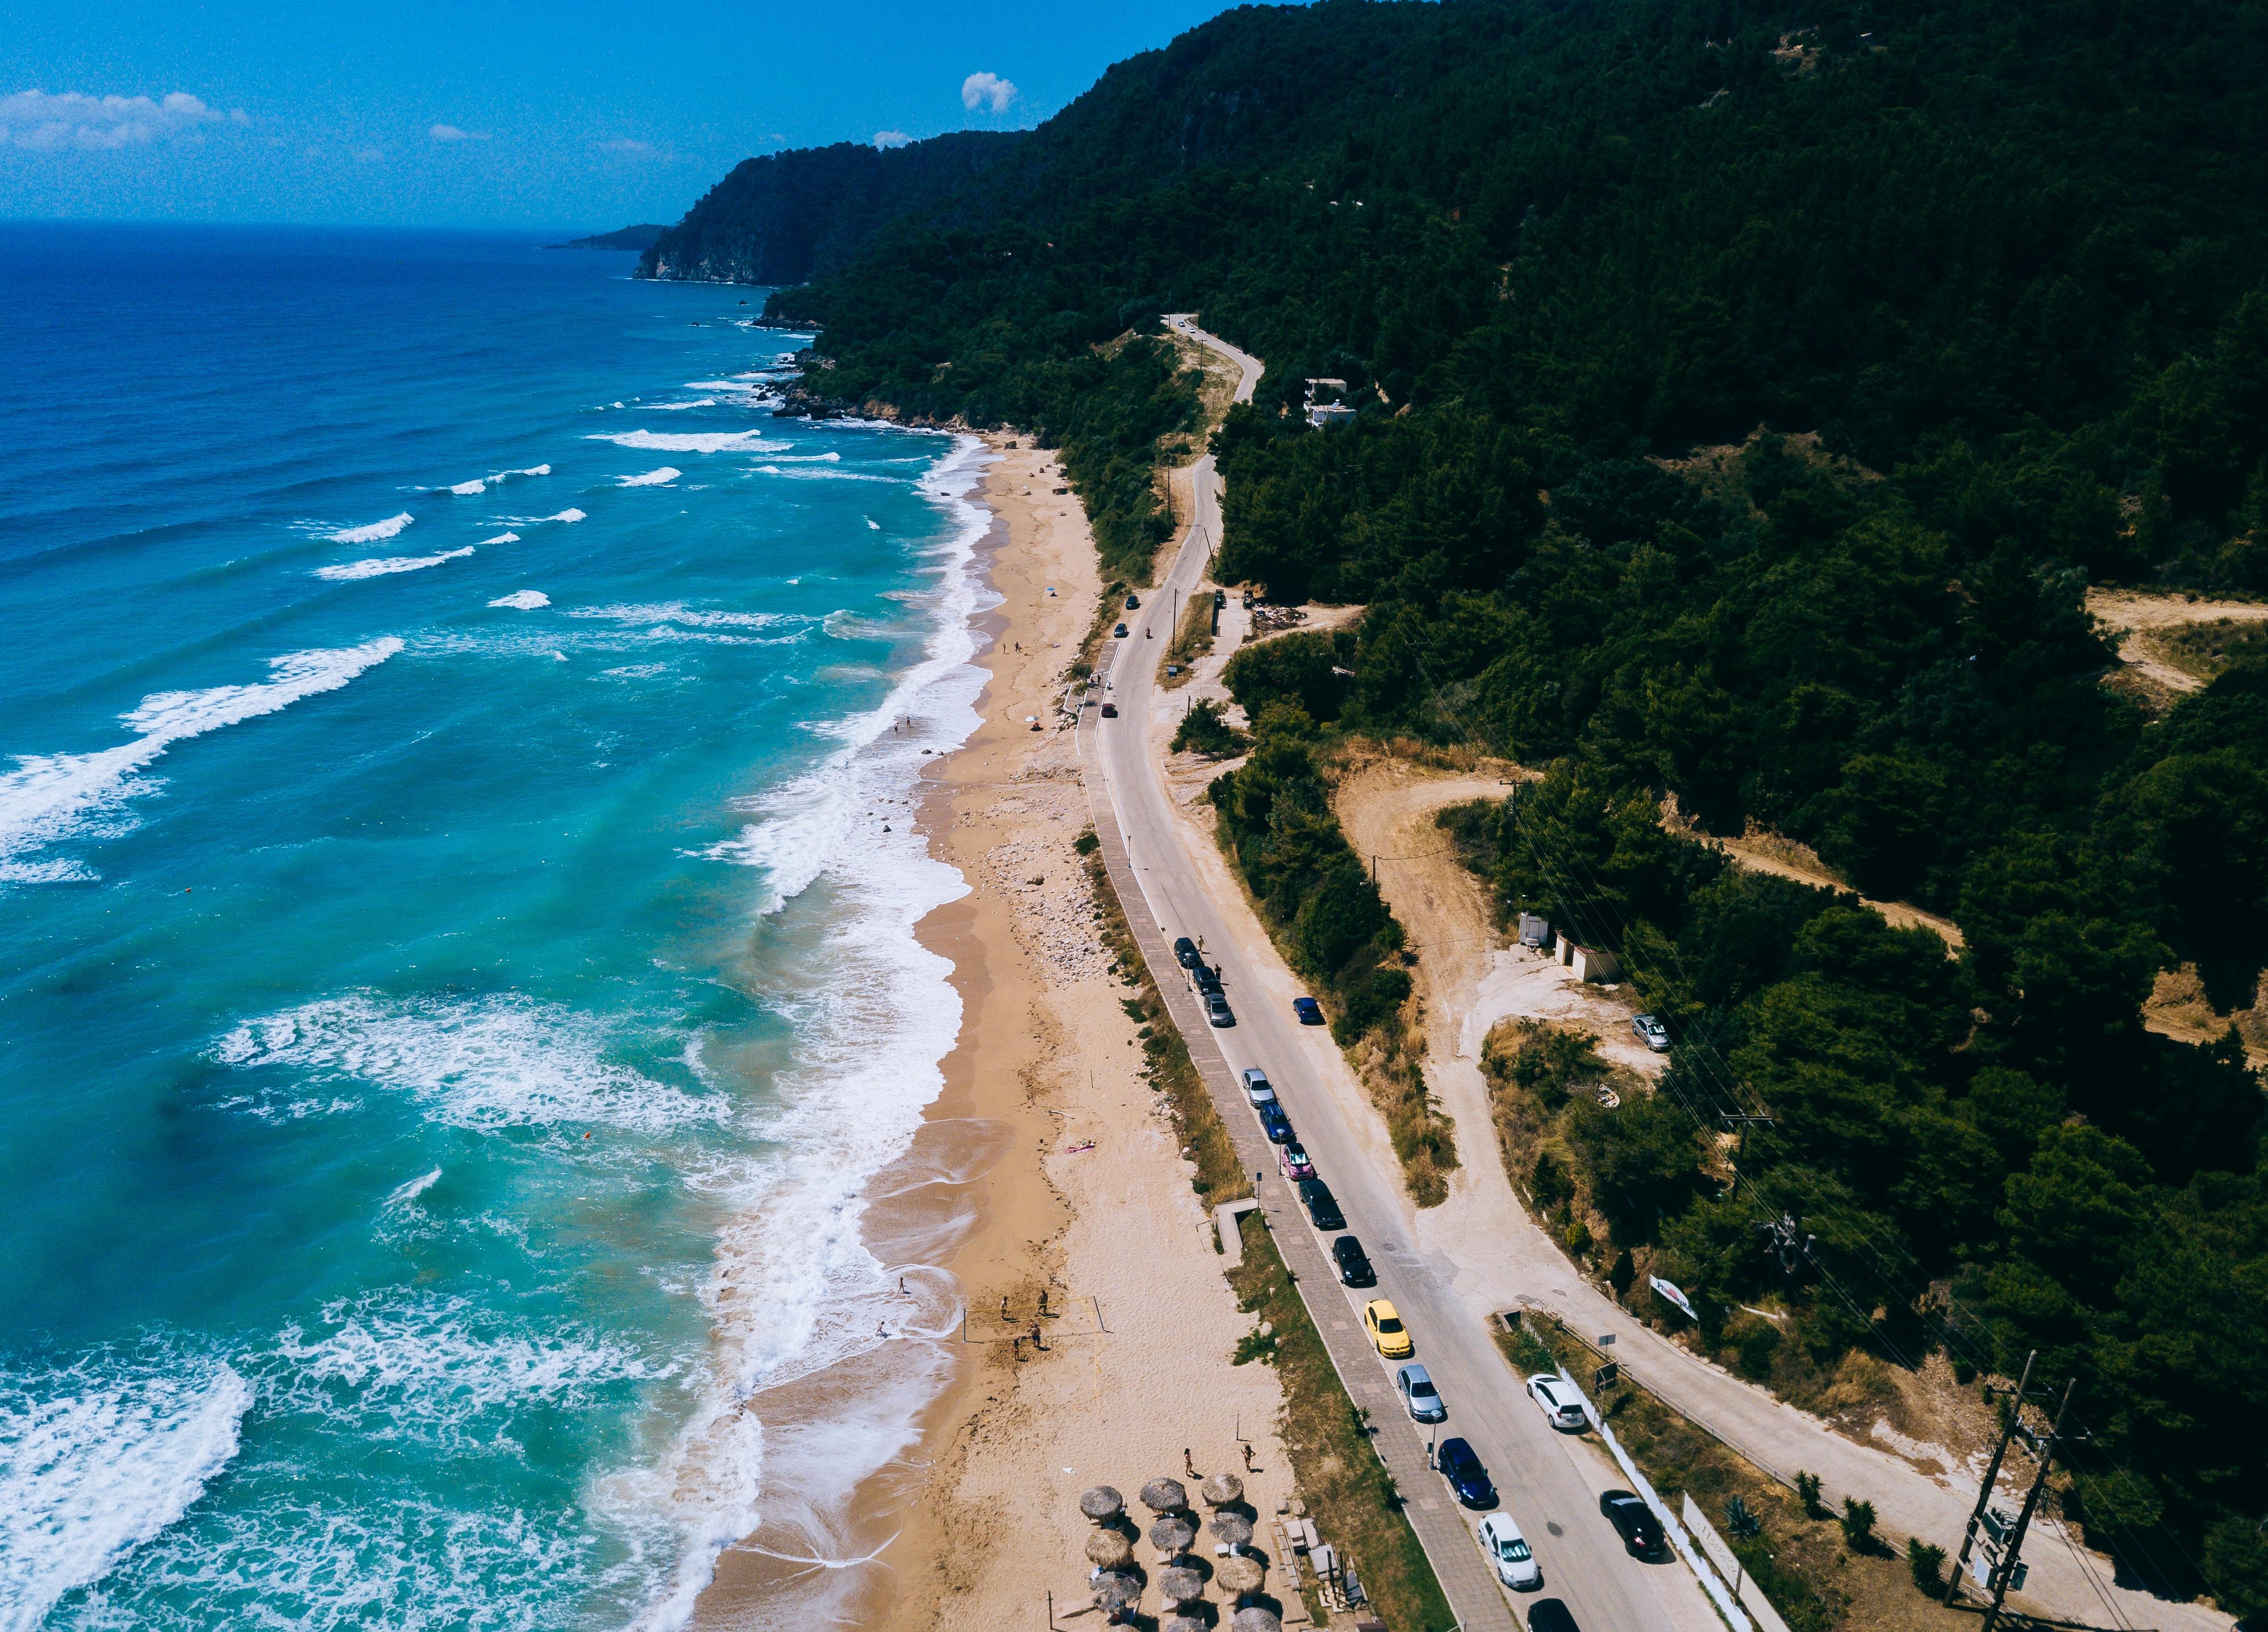 aerial photo of sea near concrete road